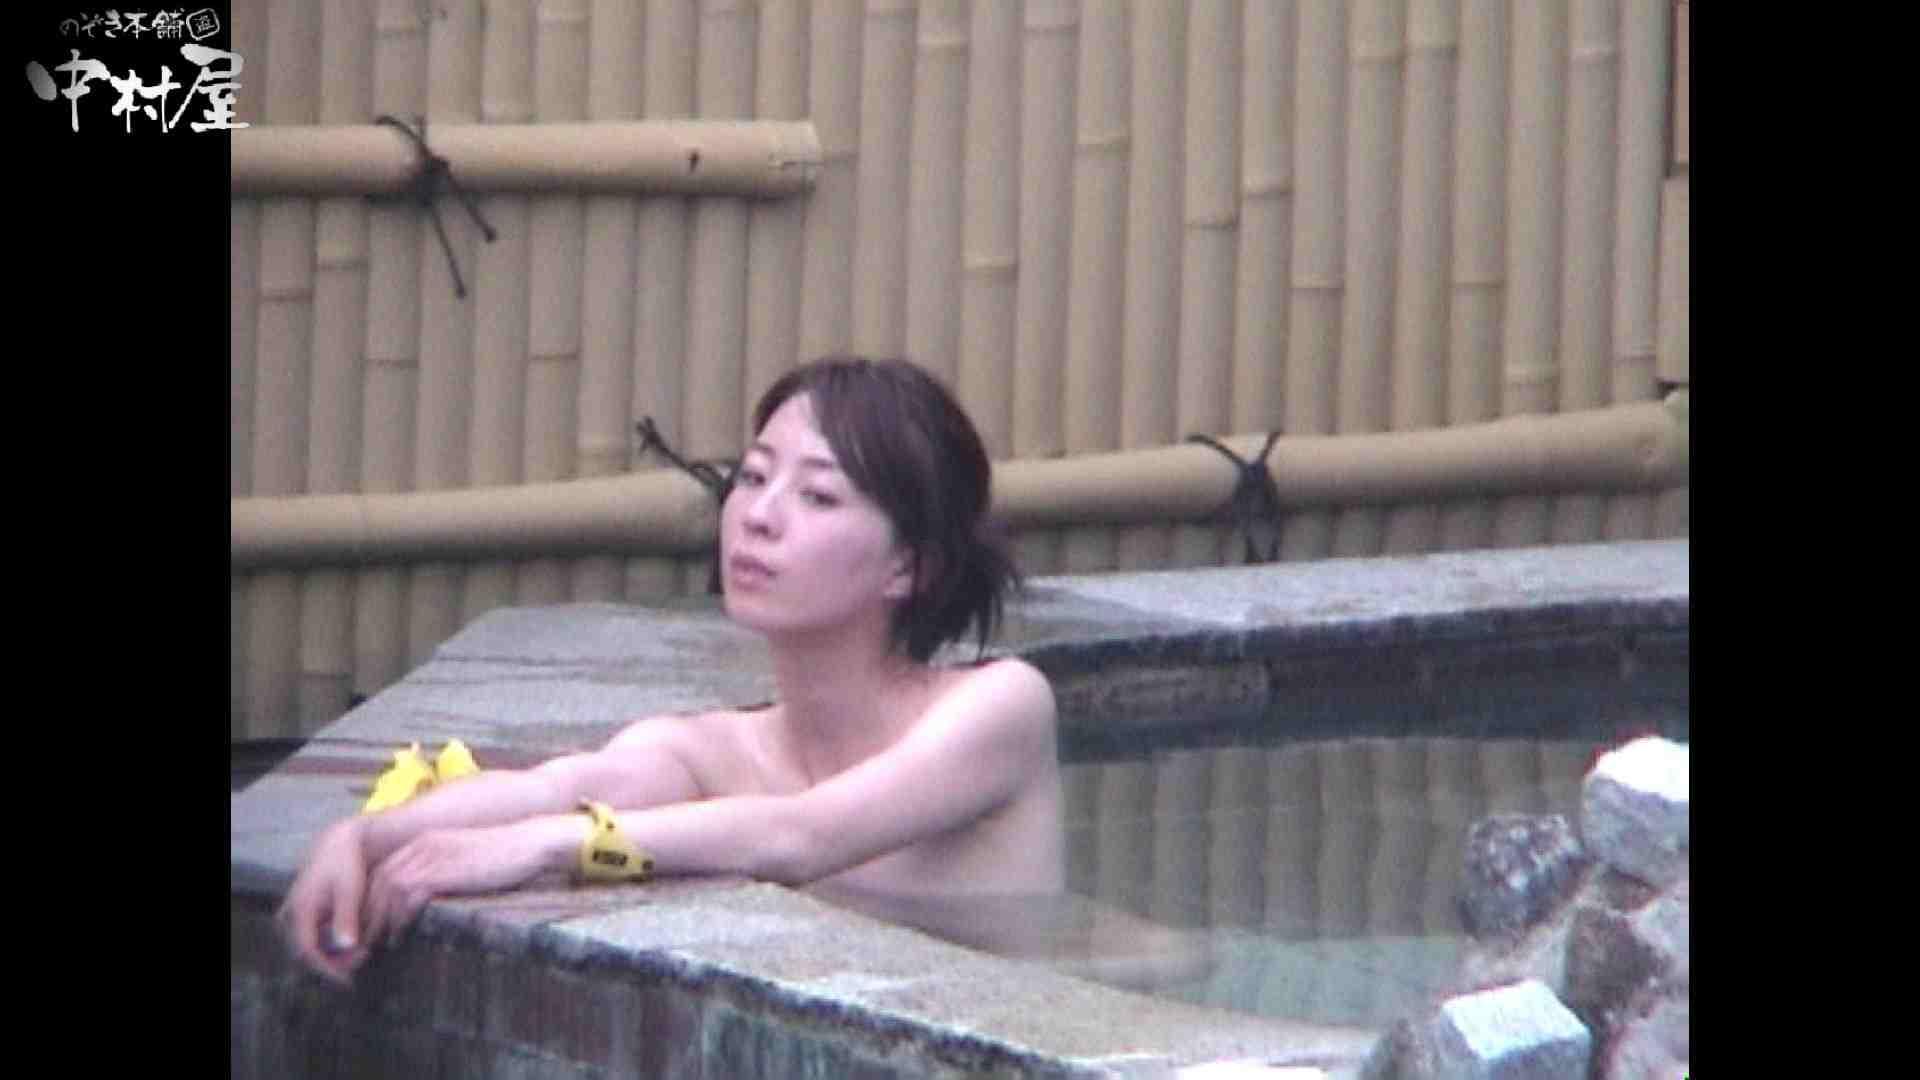 Aquaな露天風呂Vol.964 美しいOLの裸体  104pic 63